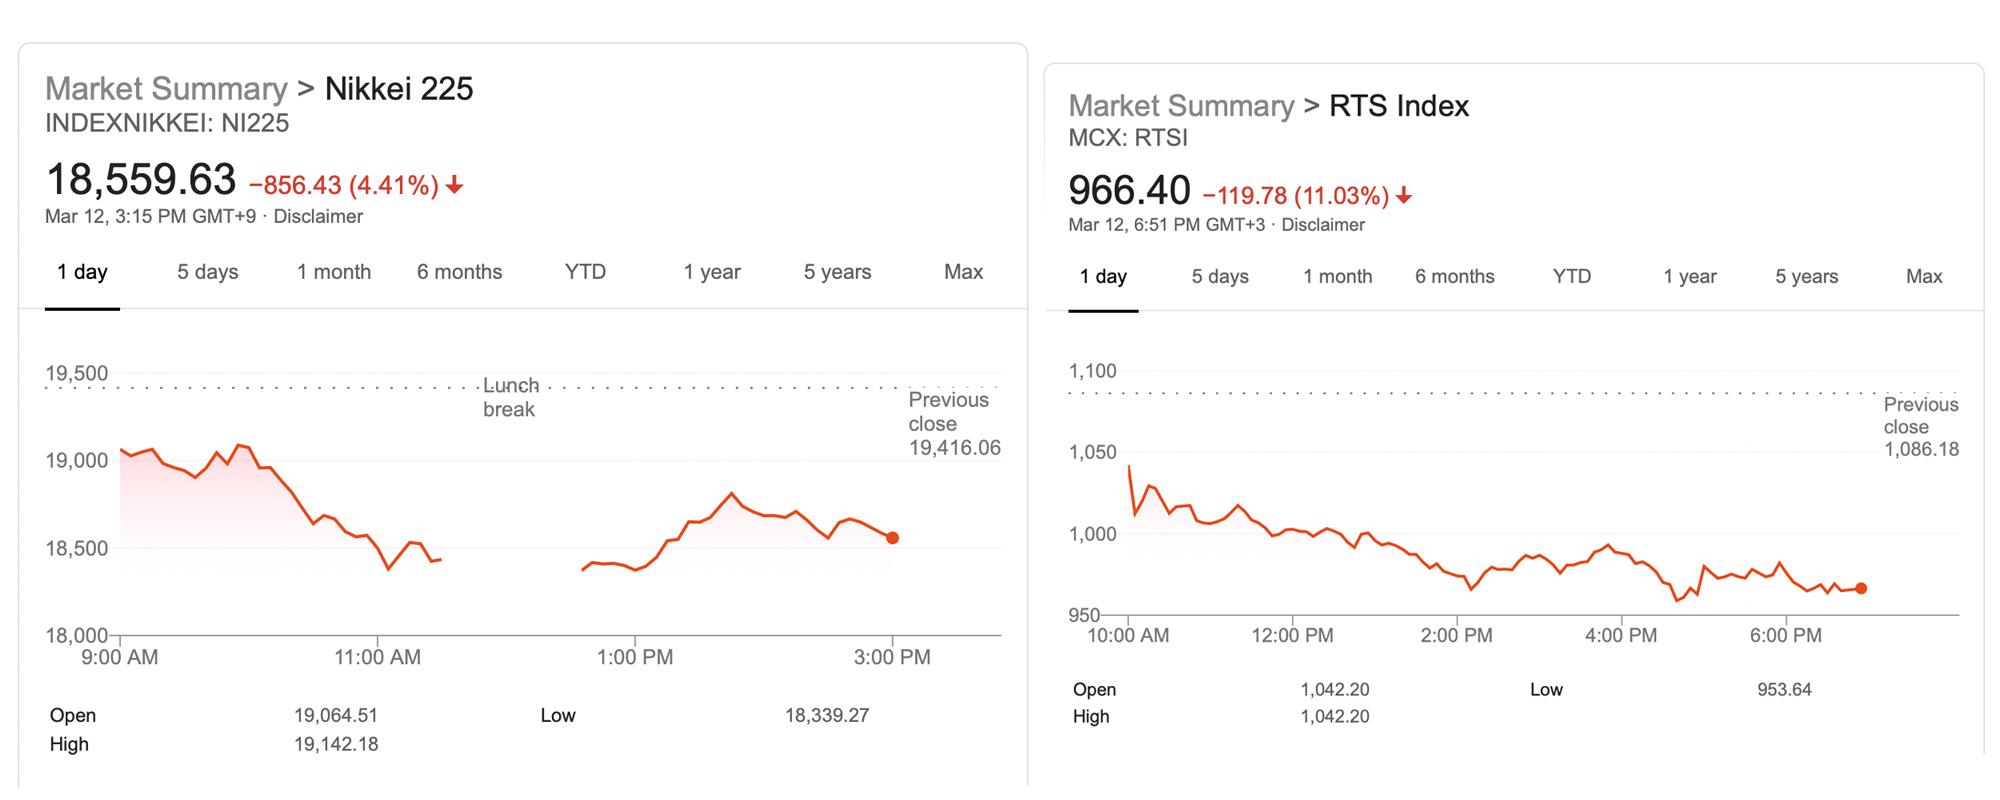 """Se probaron los mercados de oro y bitcoins, mientras que los bancos centrales intentan sofocar el ancho de la """"desviación del mercado de valores"""" = """"2000"""" height = """"800"""" srcset = """"https://blackswanfinances.com/wp-content/uploads/2020/03/japanrussia.jpg 2000w, https://news.bitcoin.com/wp-content /uploads/2020/03/japanrussia-300x120.jpg 300w, https://news.bitcoin.com/wp-content/uploads/2020/03/japanrussia-1024x410.jpg 1024w, https://news.bitcoin.com /wp-content/uploads/2020/03/japanrussia-768x307.jpg 768w, https://news.bitcoin.com/wp-content/uploads/2020/03/japanrussia-1536x614.jpg 1536w, https: // noticias .bitcoin.com / wp-content / uploads / 2020/03 / japanrussia-696x278.jpg 696w, https://news.bitcoin.com/wp-content/uploads/2020/03/japanrussia-1392x557.jpg 1392w, https : //news.bitcoin.com/wp-content/uploads/2020/03/japanrussia-1068x427.jpg 1068w, https://news.bitcoin.com/wp-content/uploads/2020/03/ja panrussia-1050x420.jpg 1050w, https://news.bitcoin.com/wp-content/uploads/2020/03/japanrussia-1920x768.jpg 1920w """"tamaños ="""" (ancho máximo: 2000px) 100vw, 2000px"""